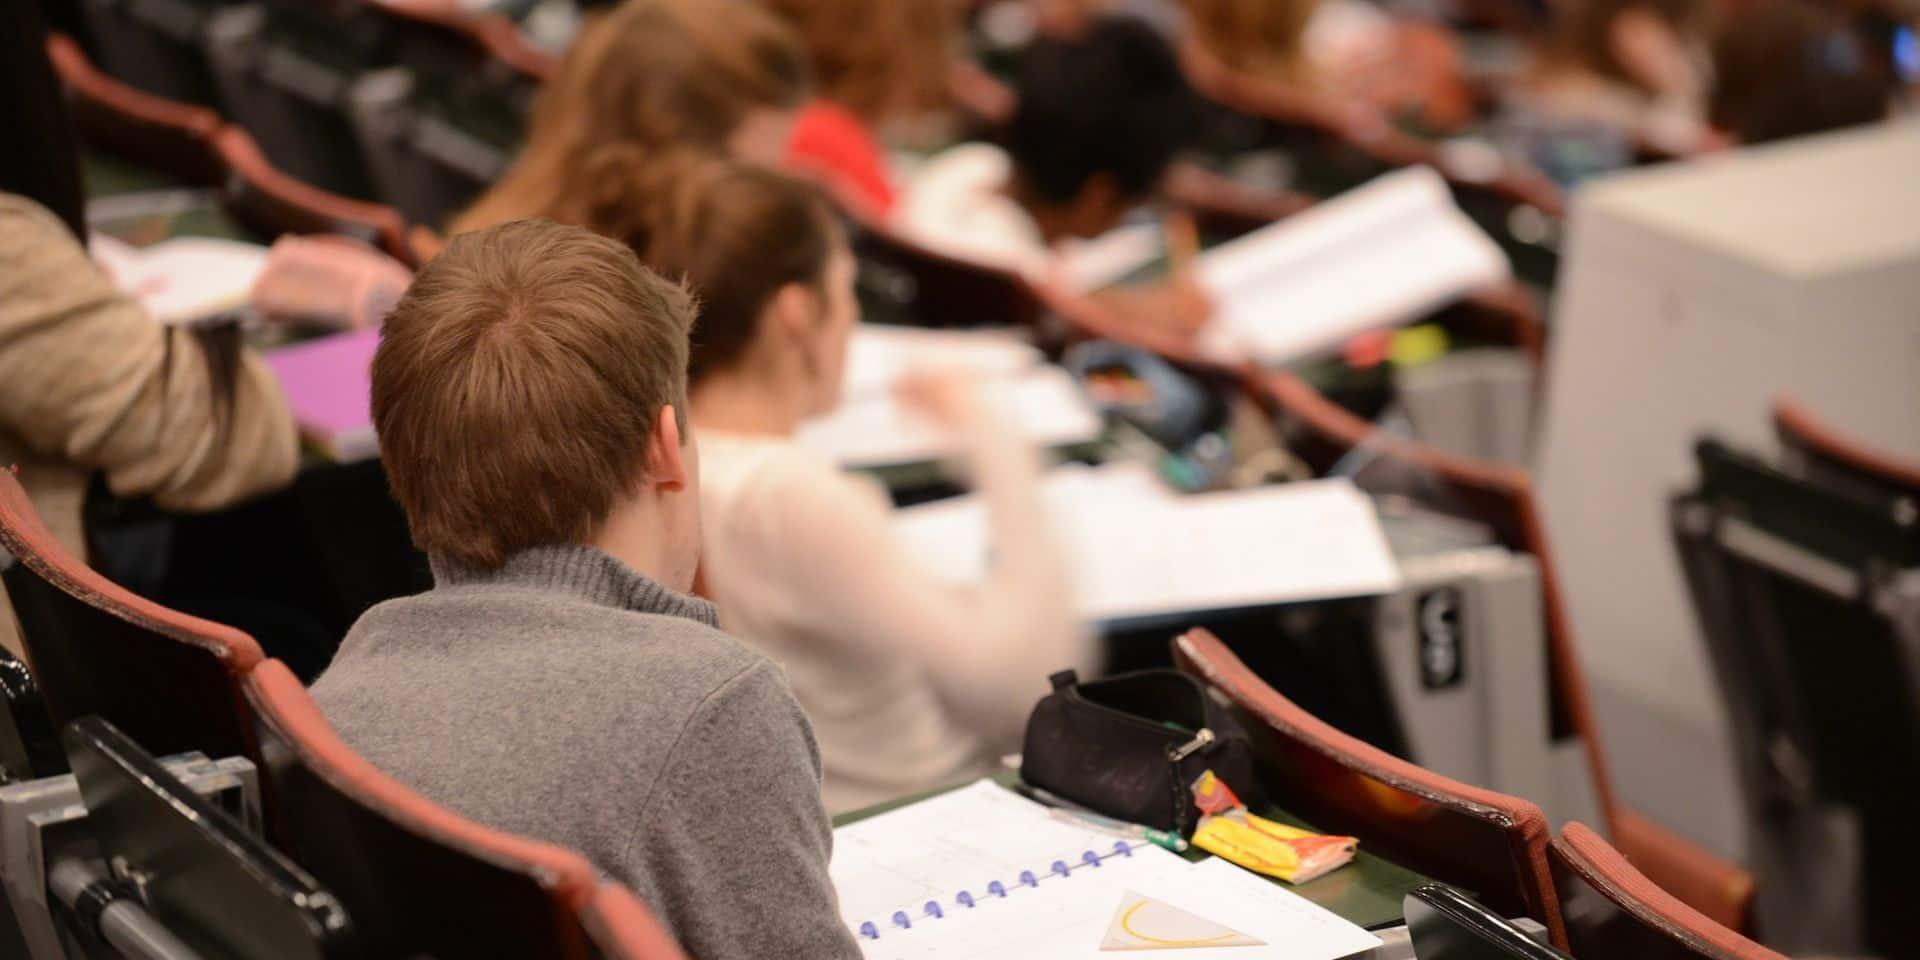 Inquiètes, trois universités flamandes veulent que les étudiants limitent leurs contacts: qu'en est-il du côté francophone?